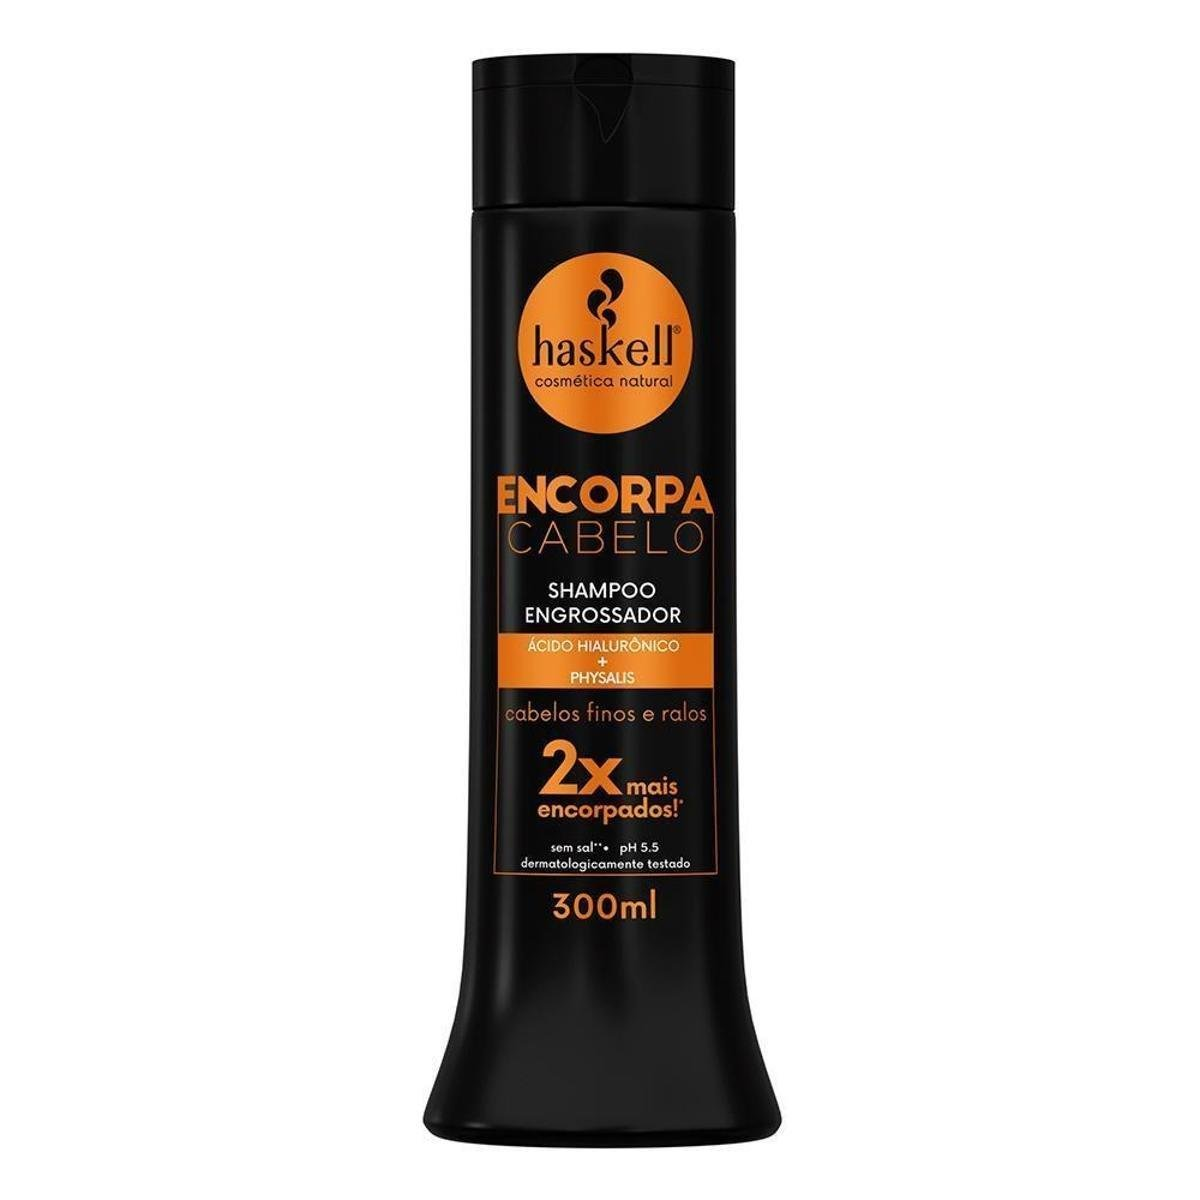 Shampoo Haskell Encorpa Cabelo Engrossador 300ml - Incolor